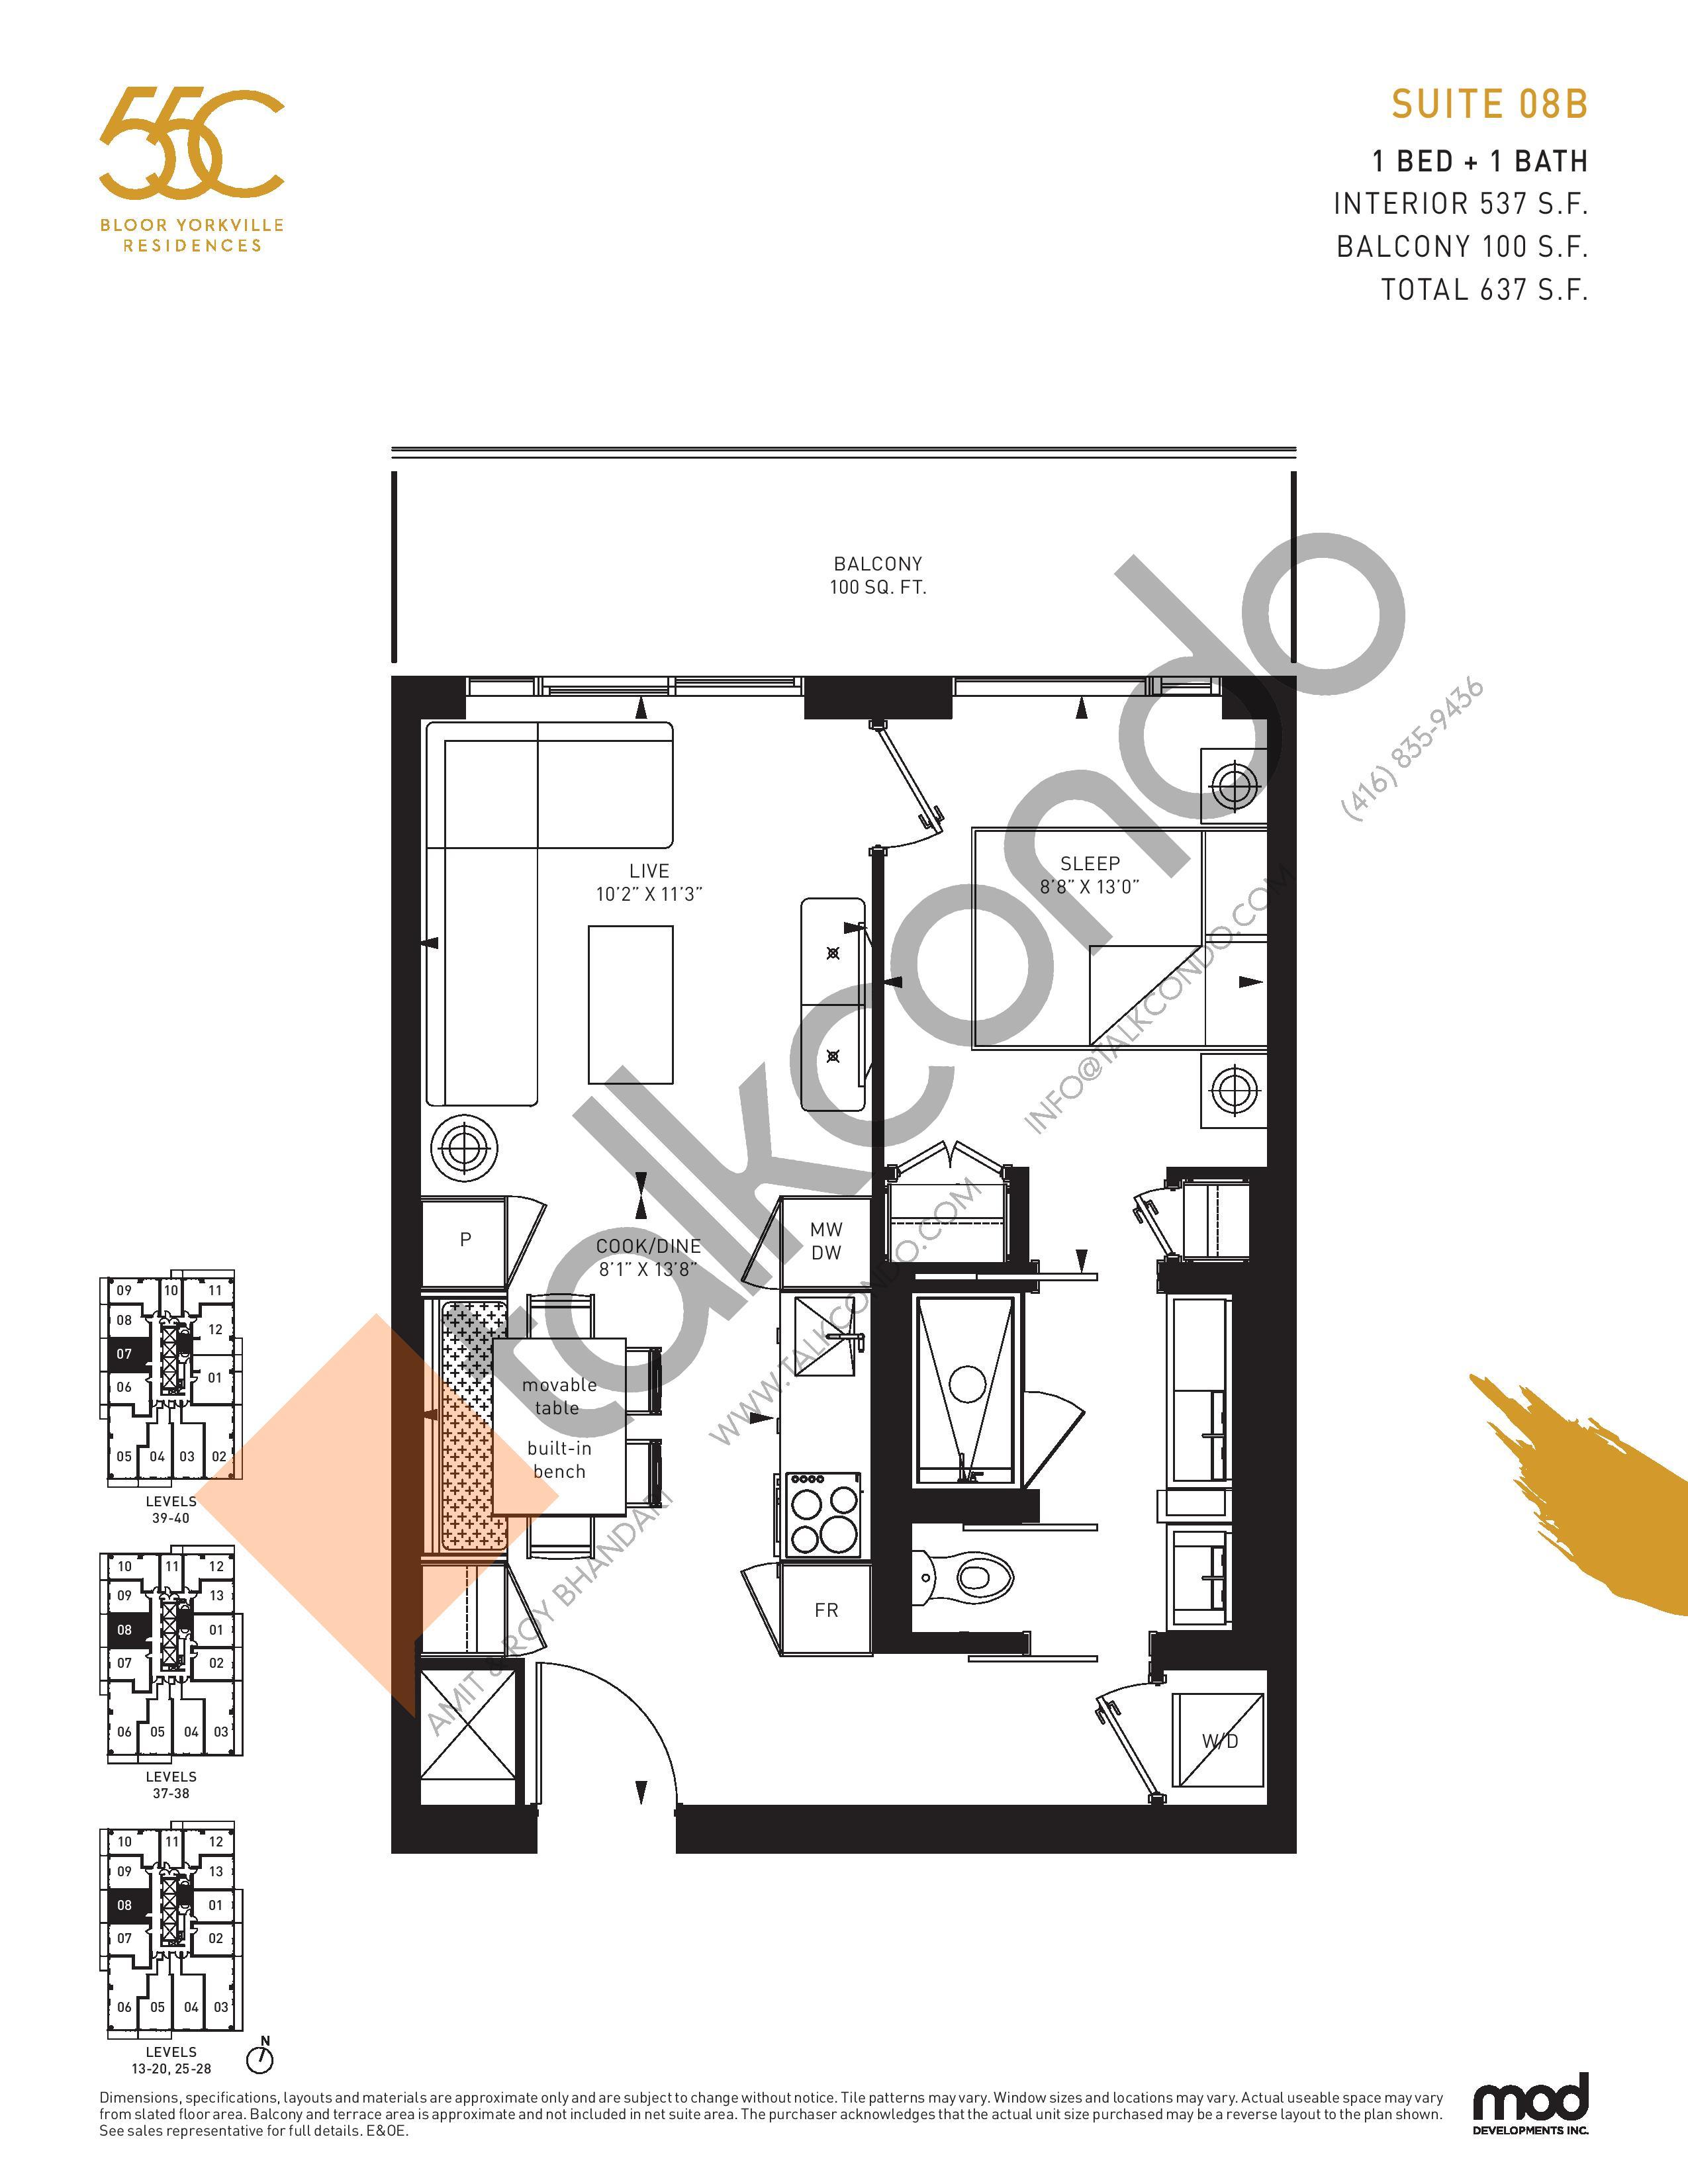 Suite 08B Floor Plan at 55C Condos - 537 sq.ft